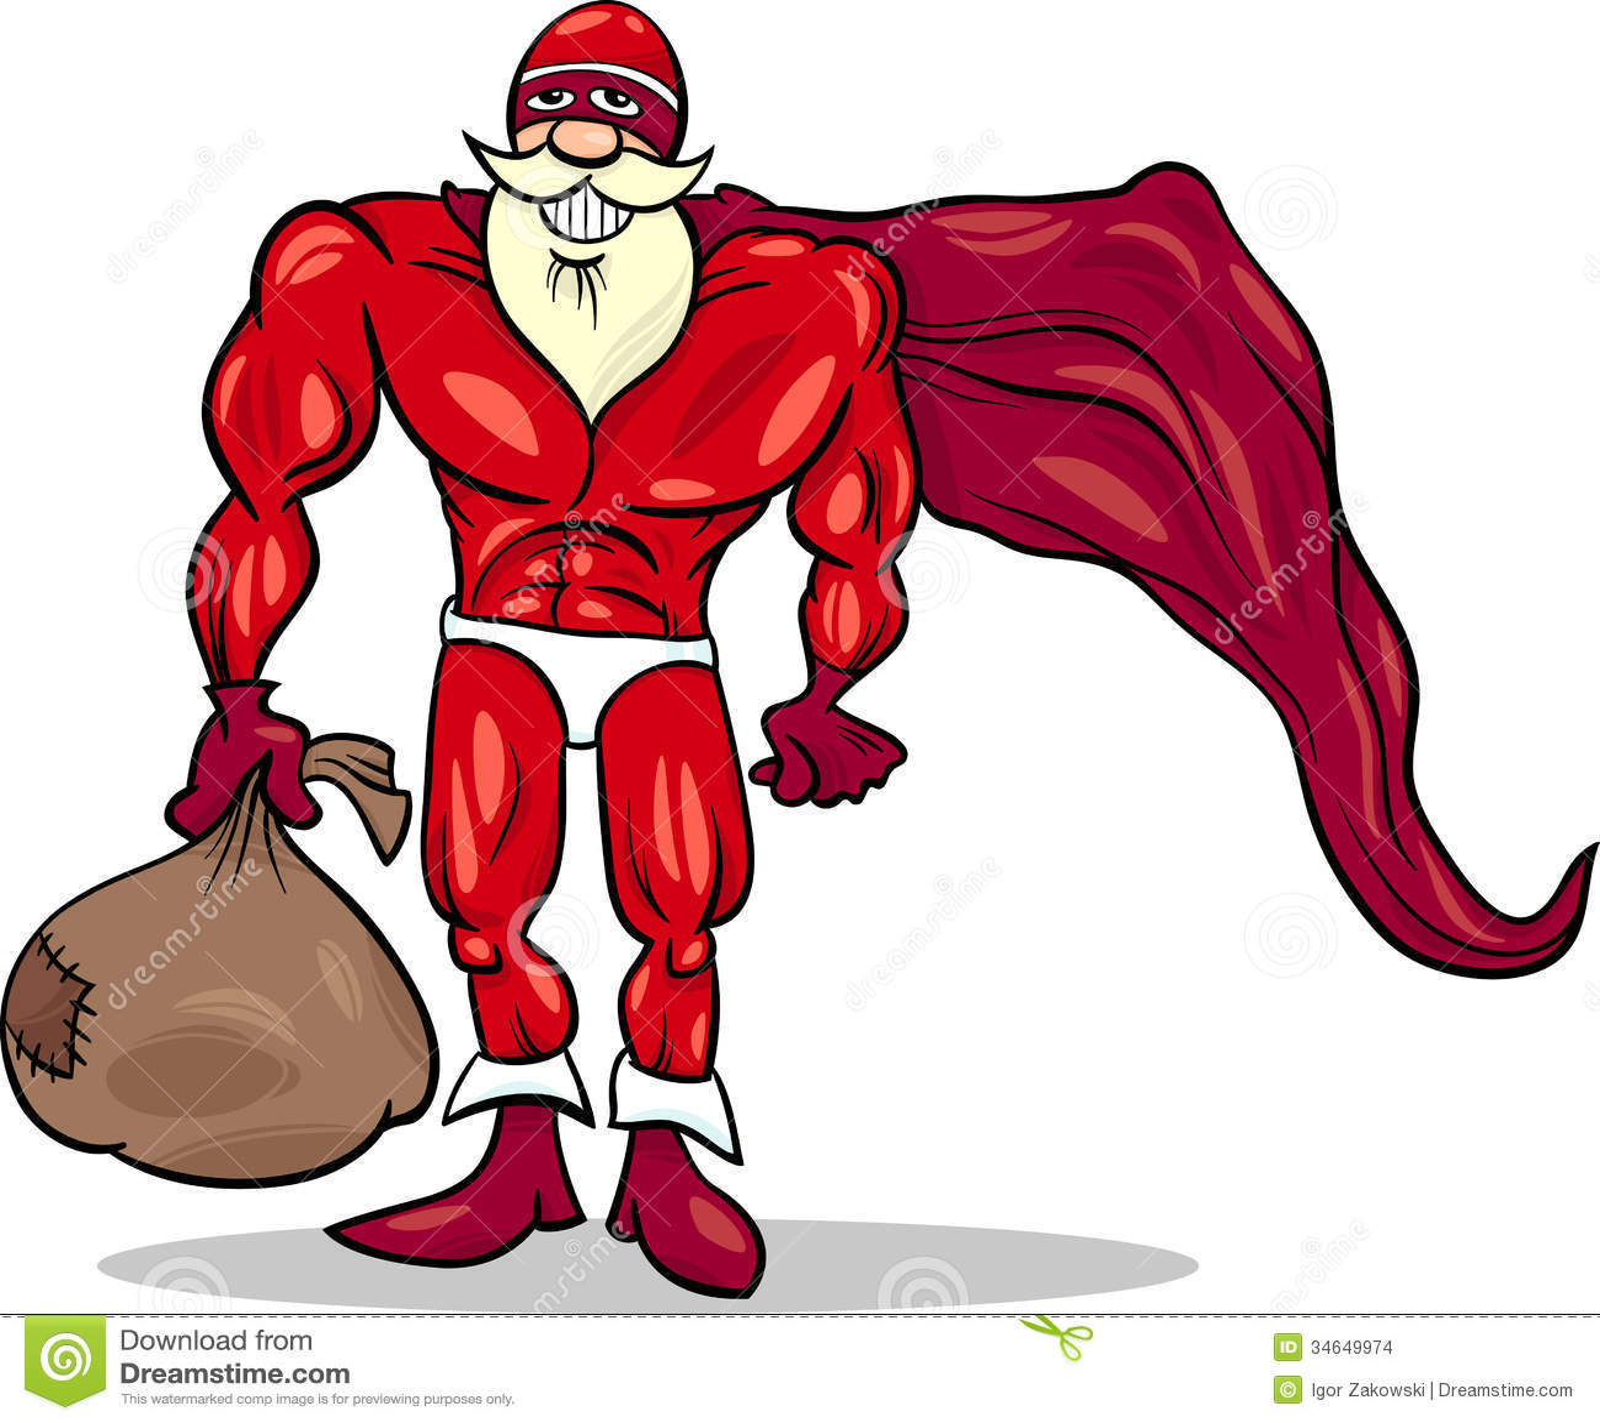 Super Hero Santa Cartoon Illustration Stock Vector - Illustration of ...